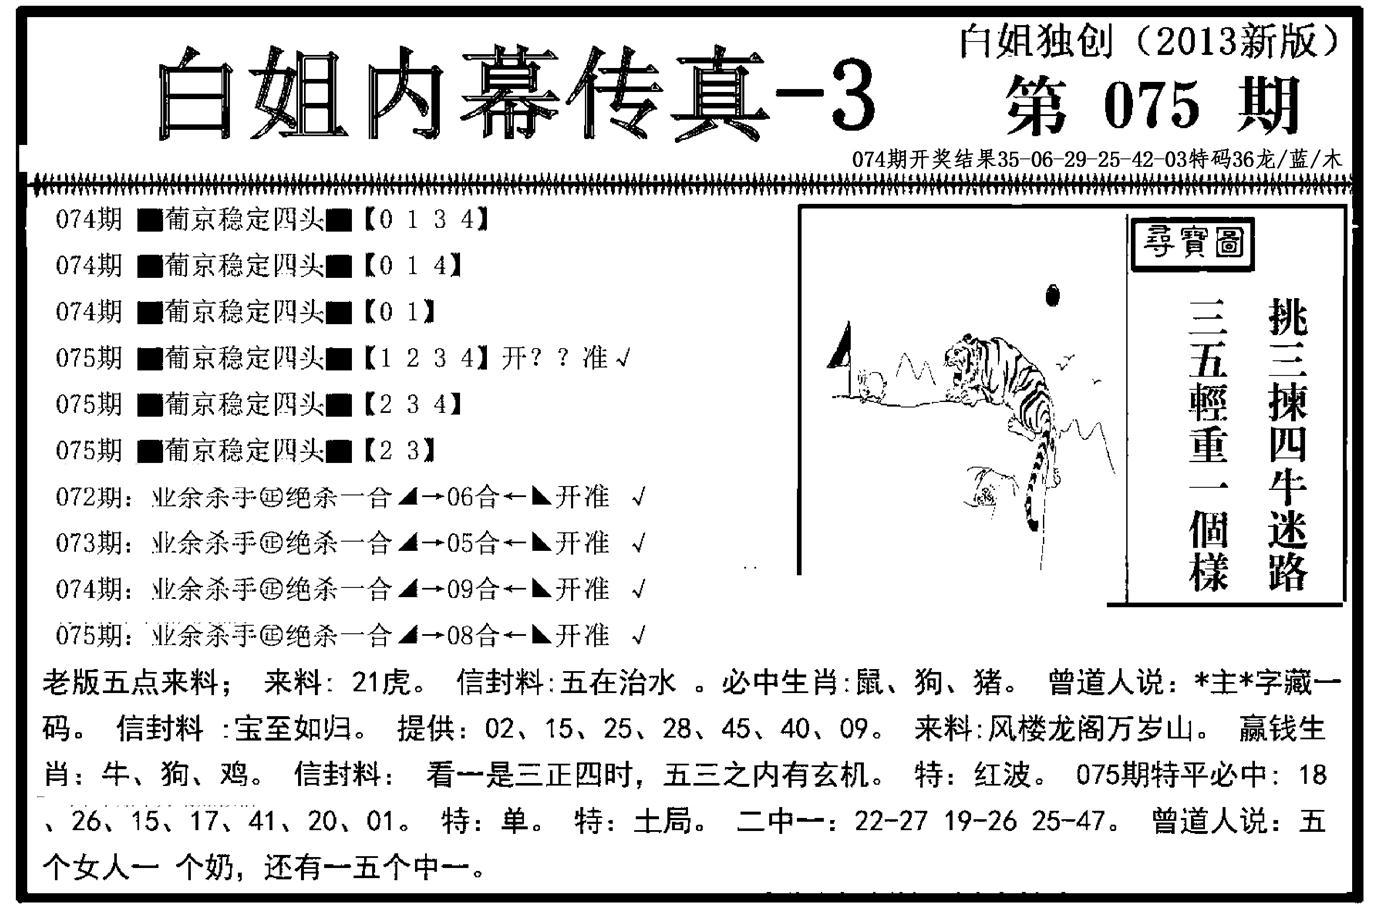 075期白姐内幕传真-3(黑白)